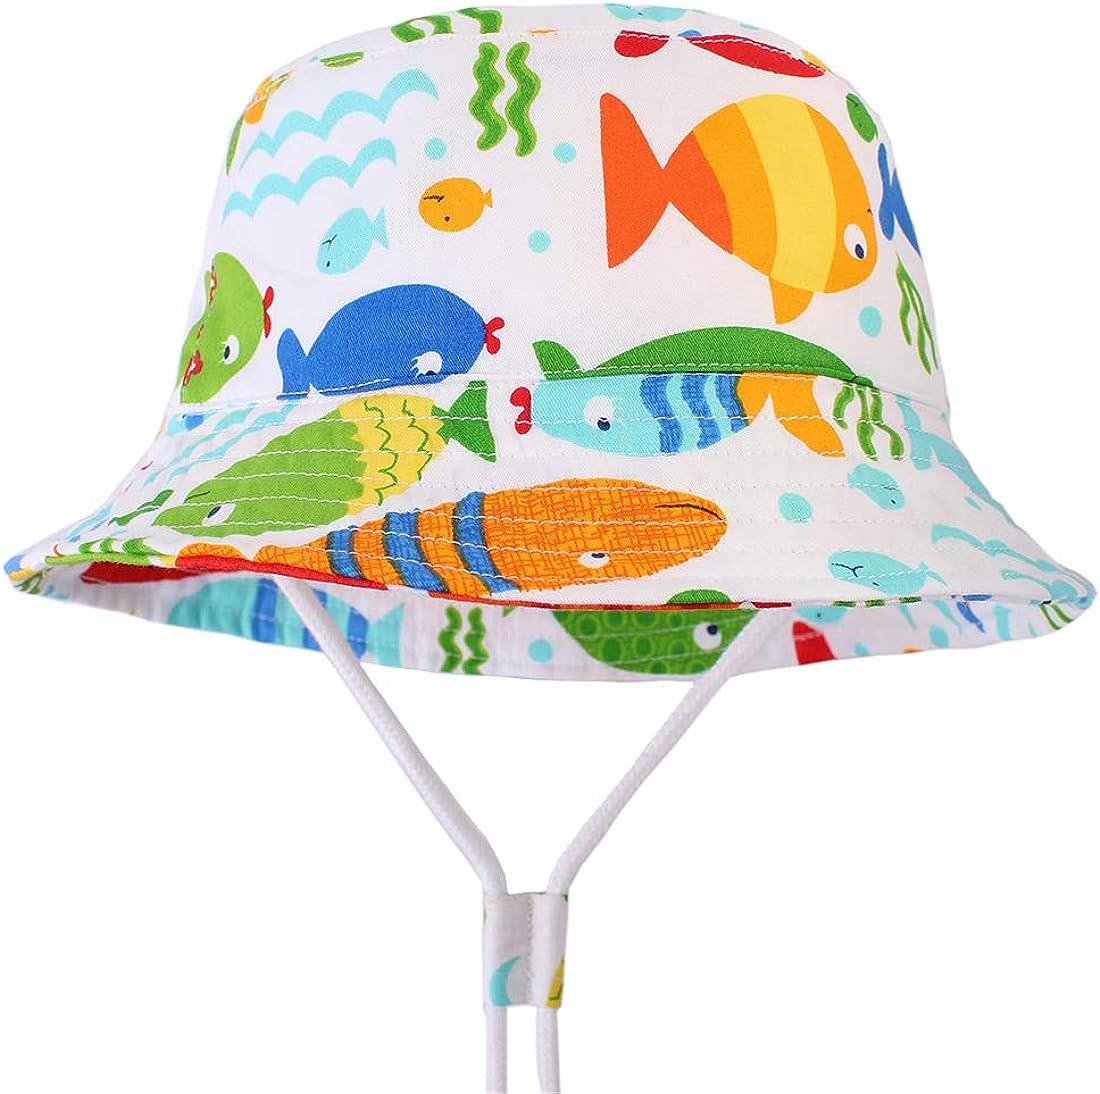 GWELL Kinder Dinosaurier Sonnenhut Sommer Outdoor Strandhut UV Schutz M/ütze Sommerhut Fischerhut Wanderhut